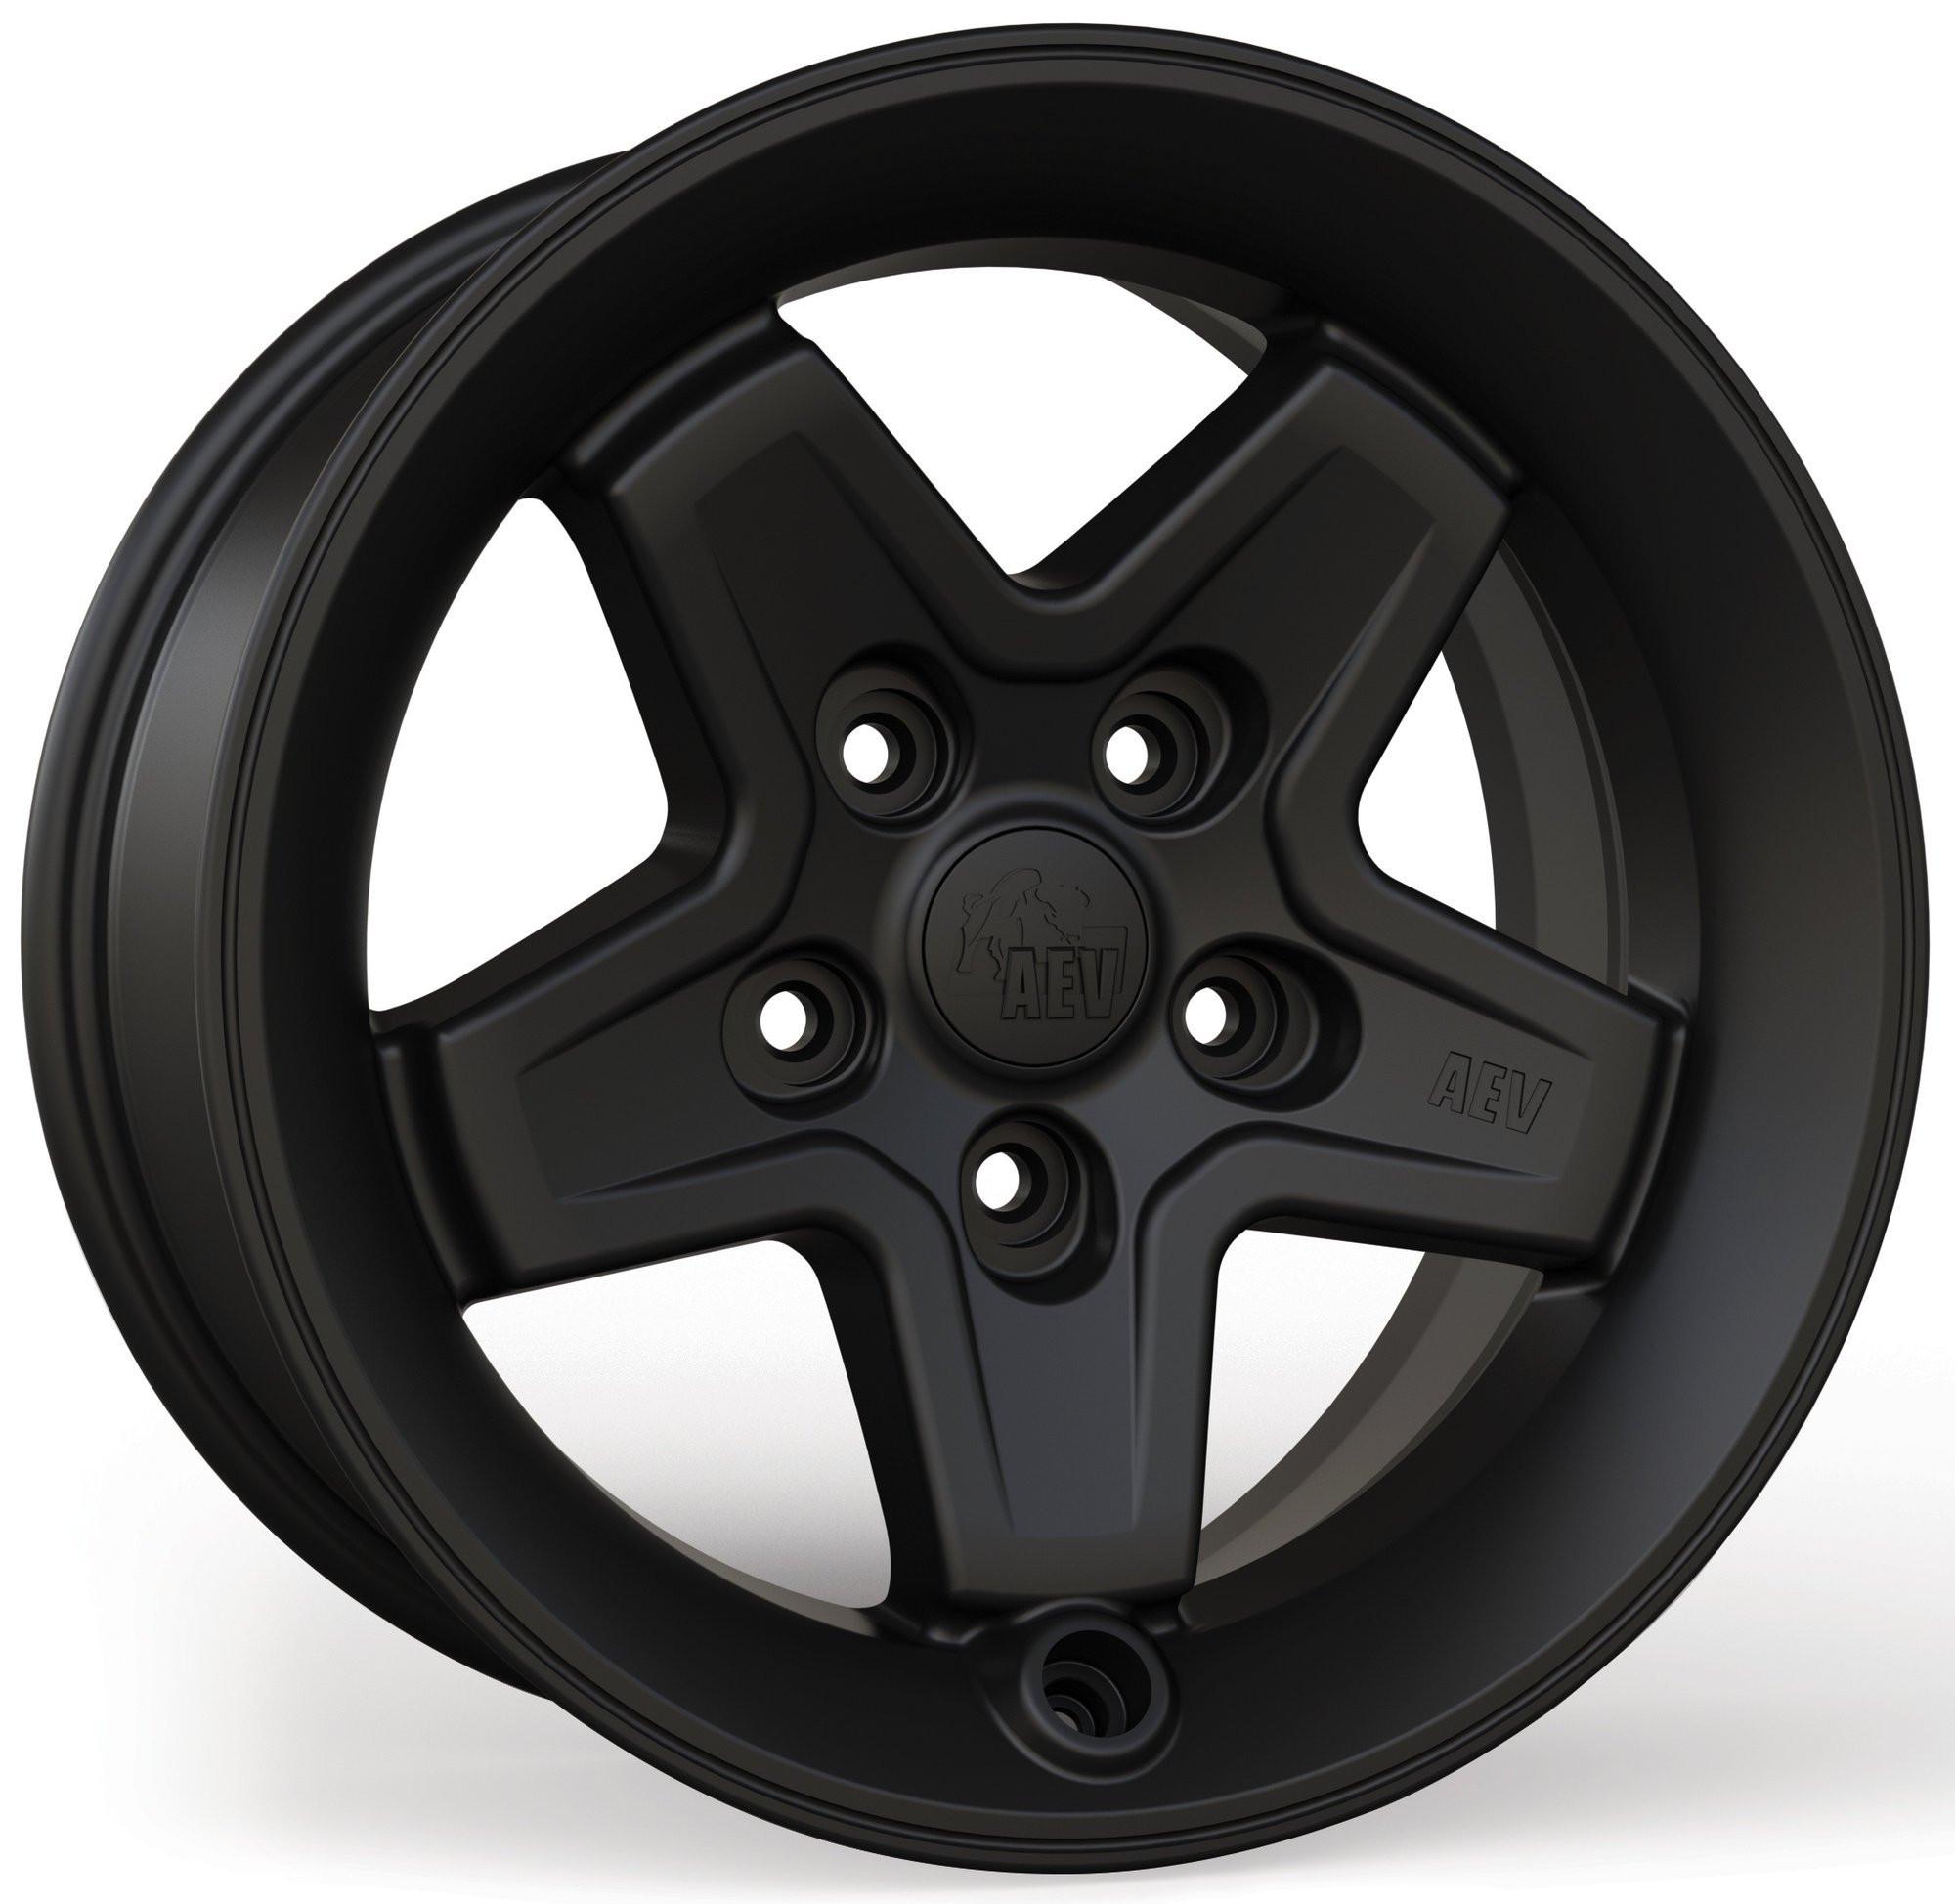 AEV Pintler Wheels 17 x 8.5 Black Wheel For 2007+ Jeep Wrangler JK 2 Door & Unlimited 4 Door +10mm offset 20402022AD